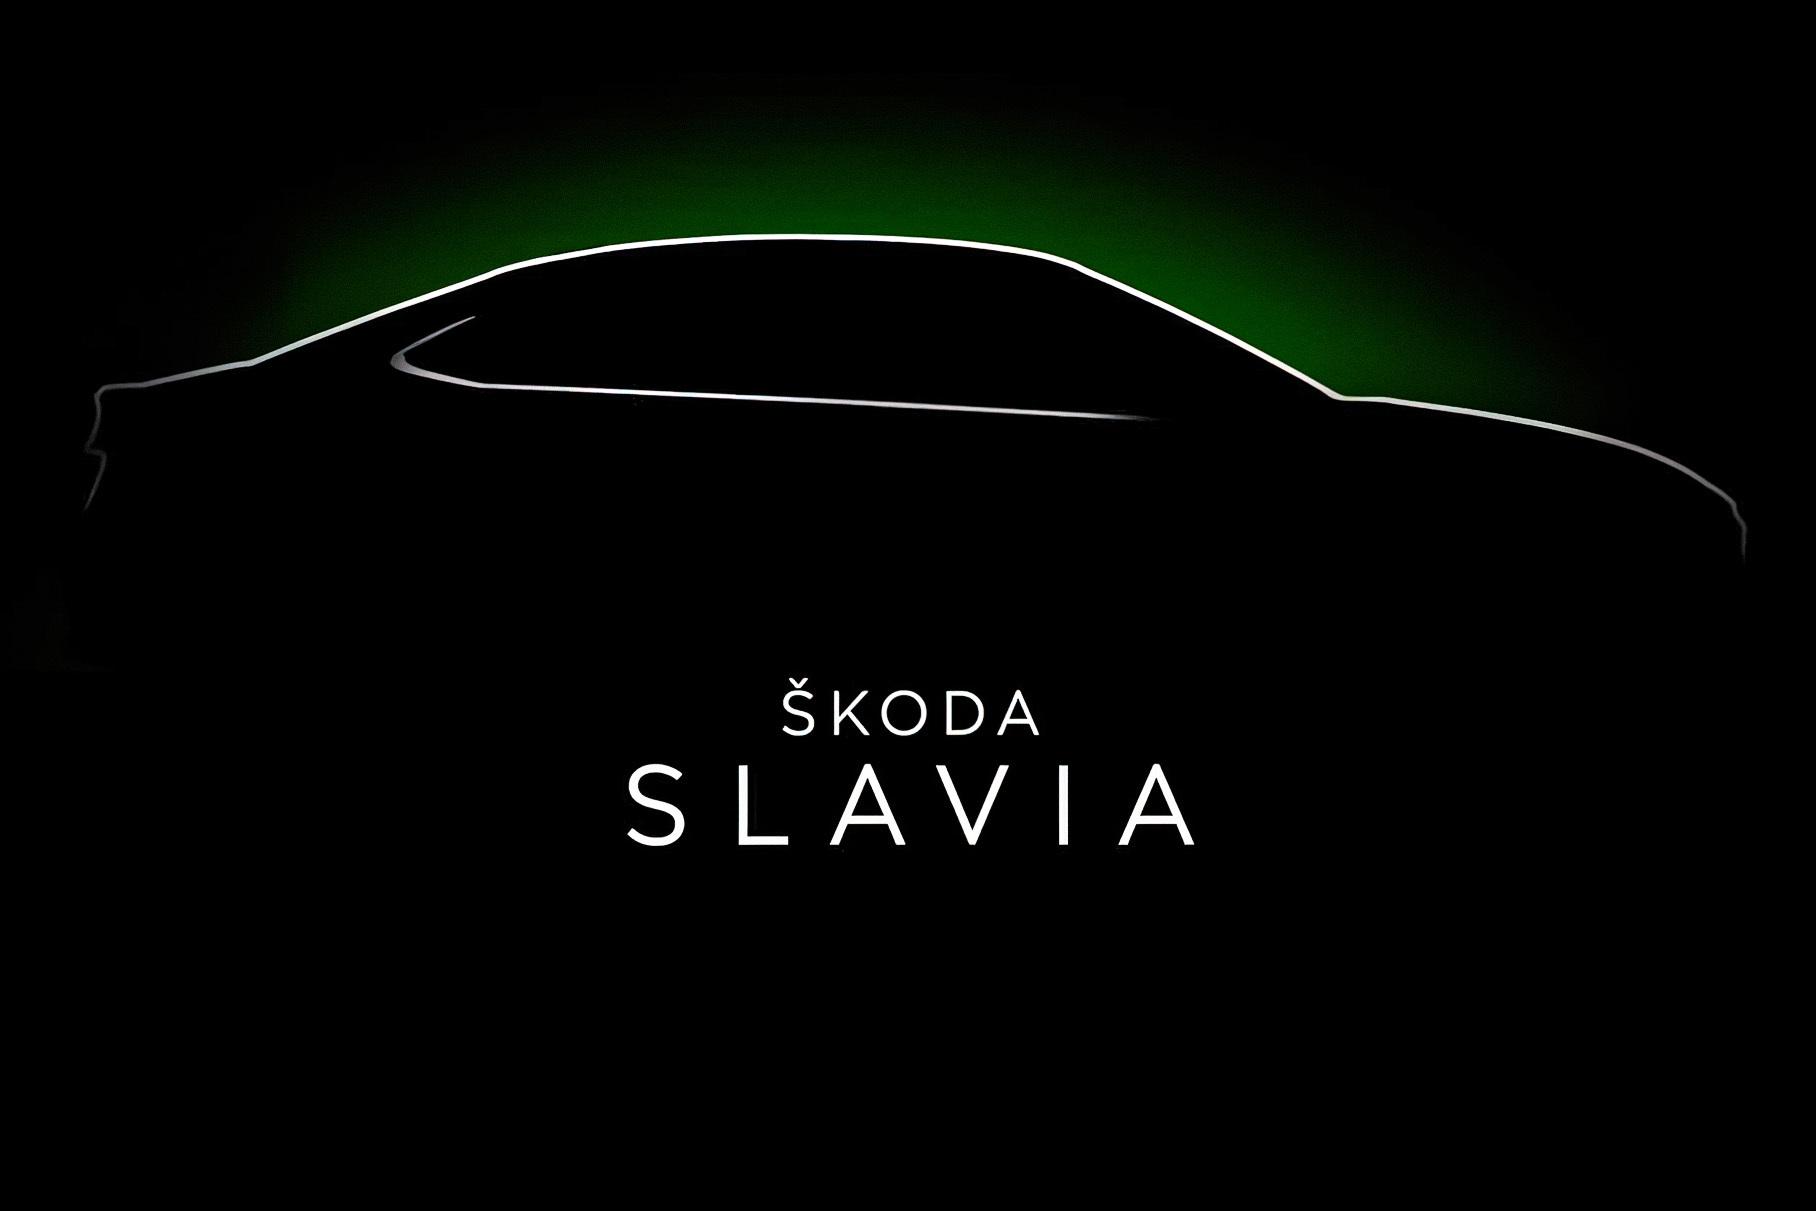 Skoda показала на тизере новый доступный седан